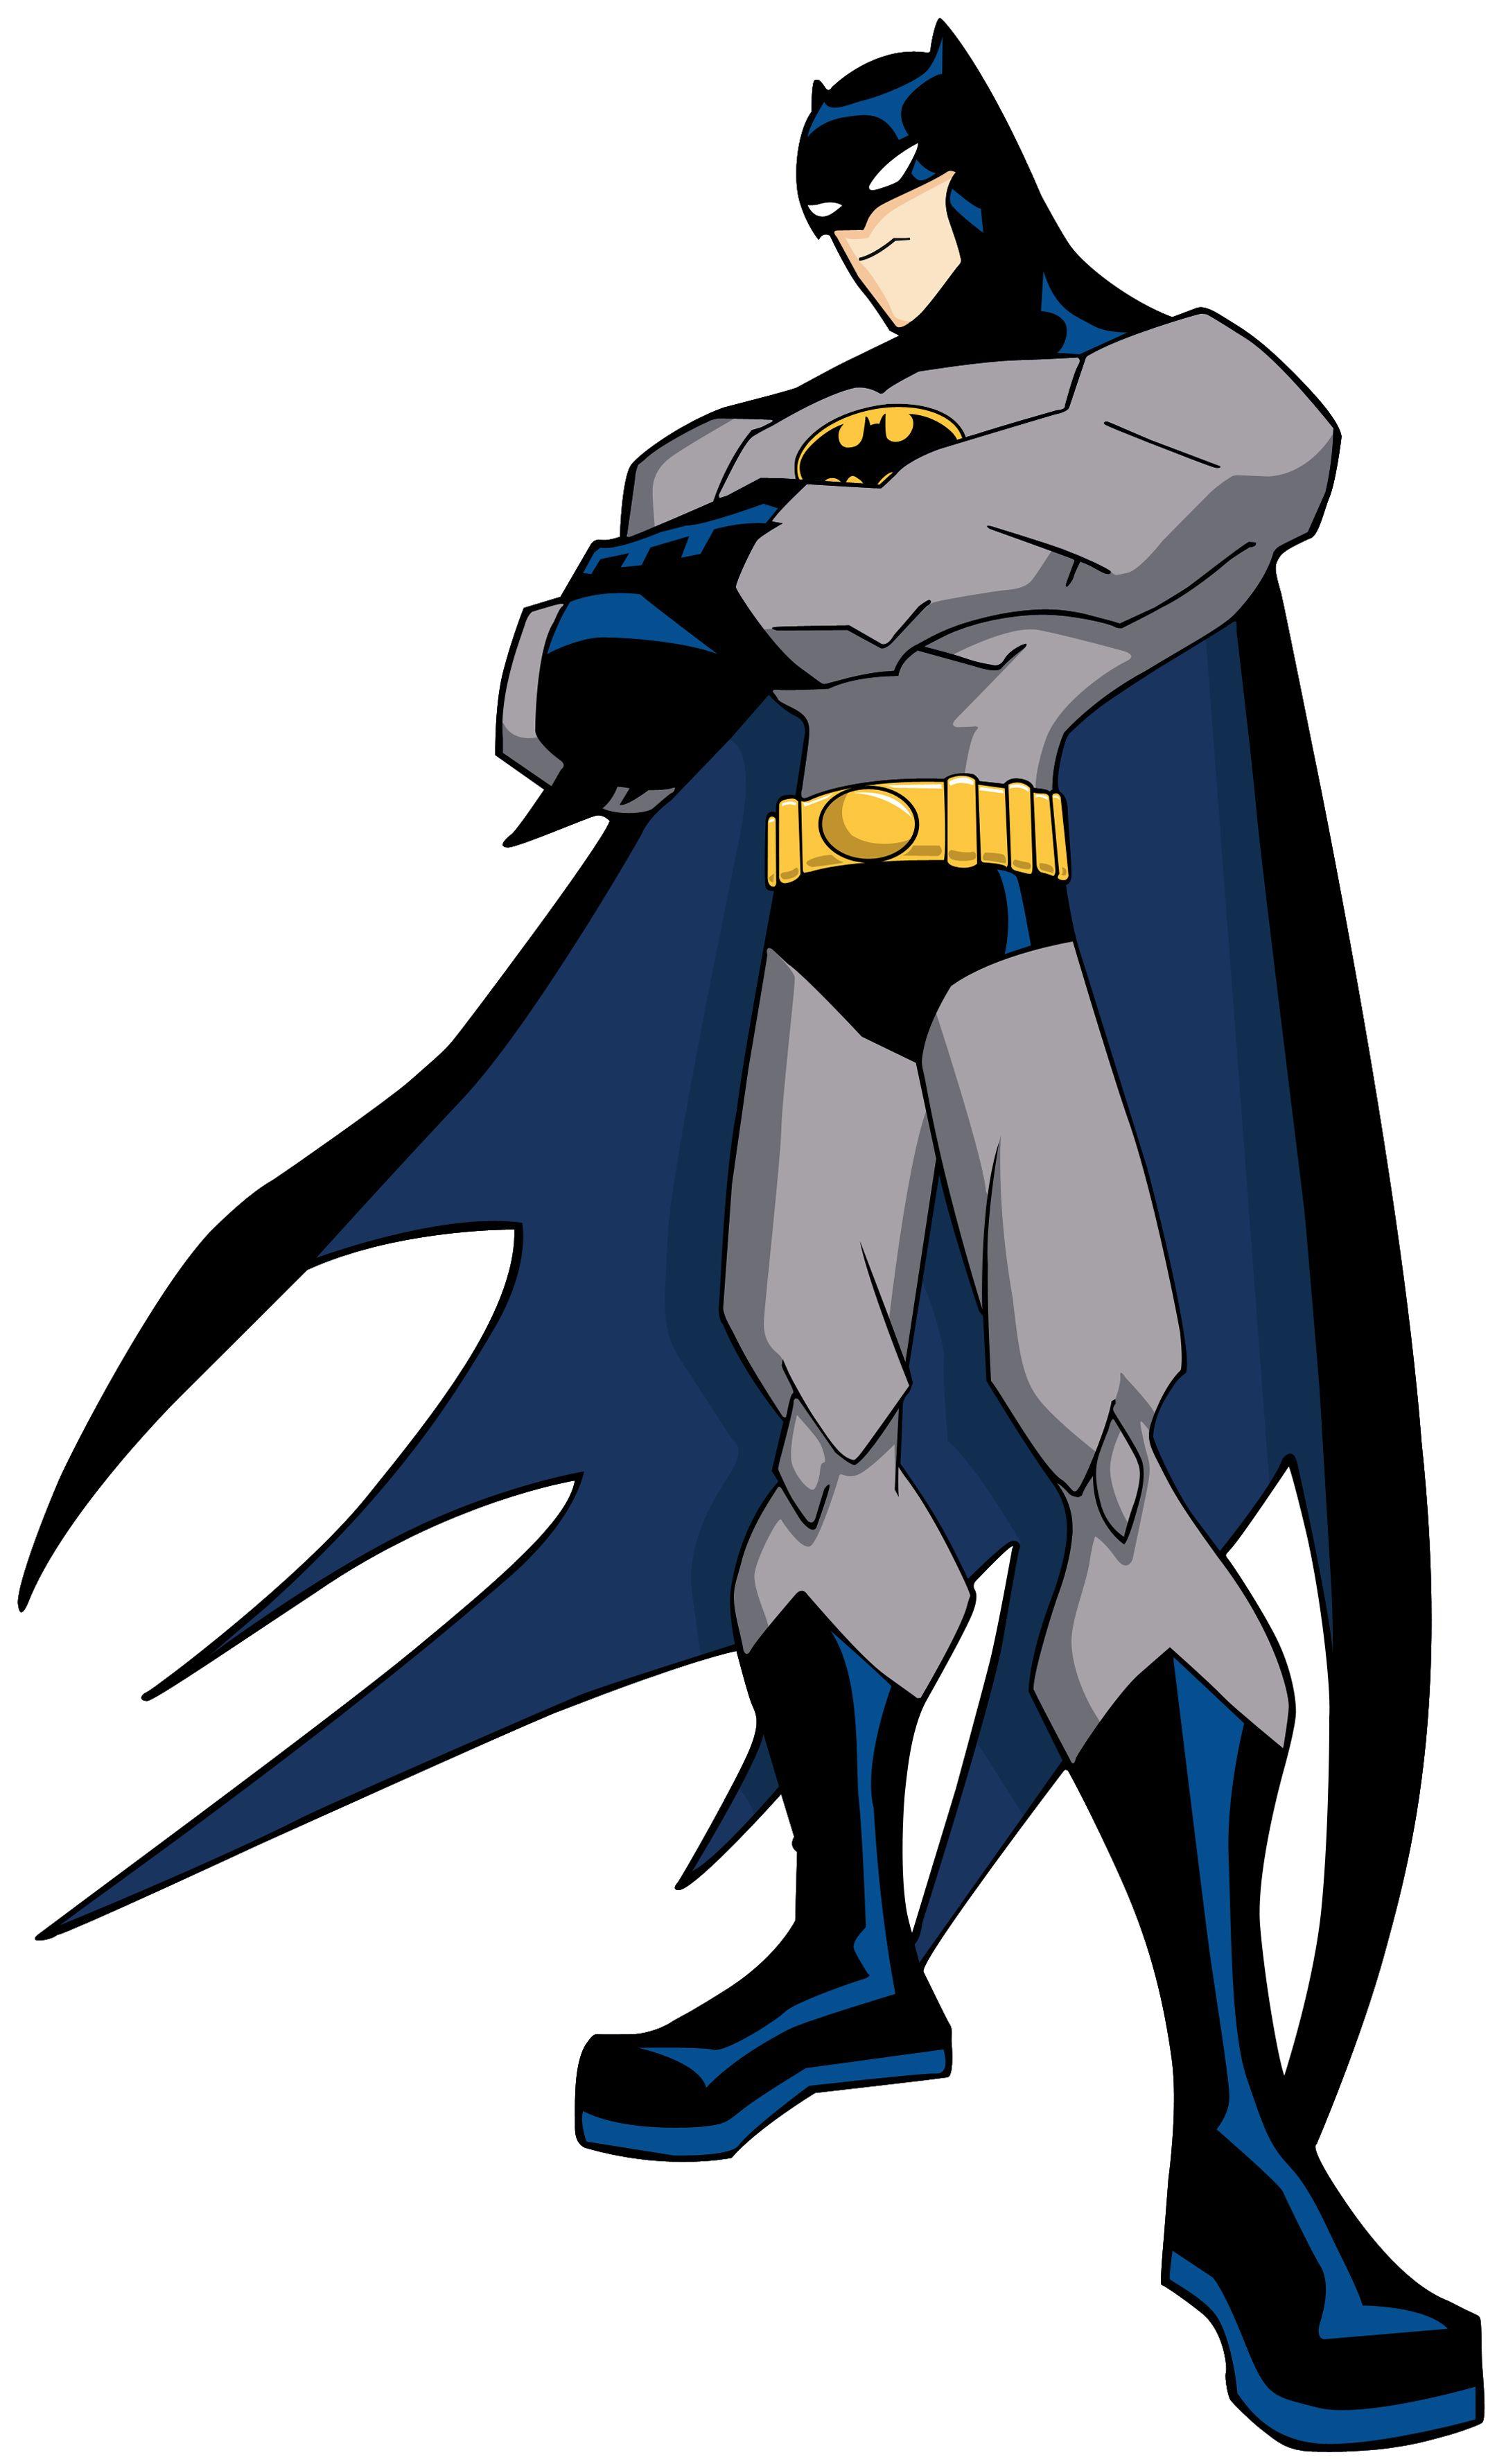 Splendid Batman Vector HD I Pad Tablet Image Wallpaper